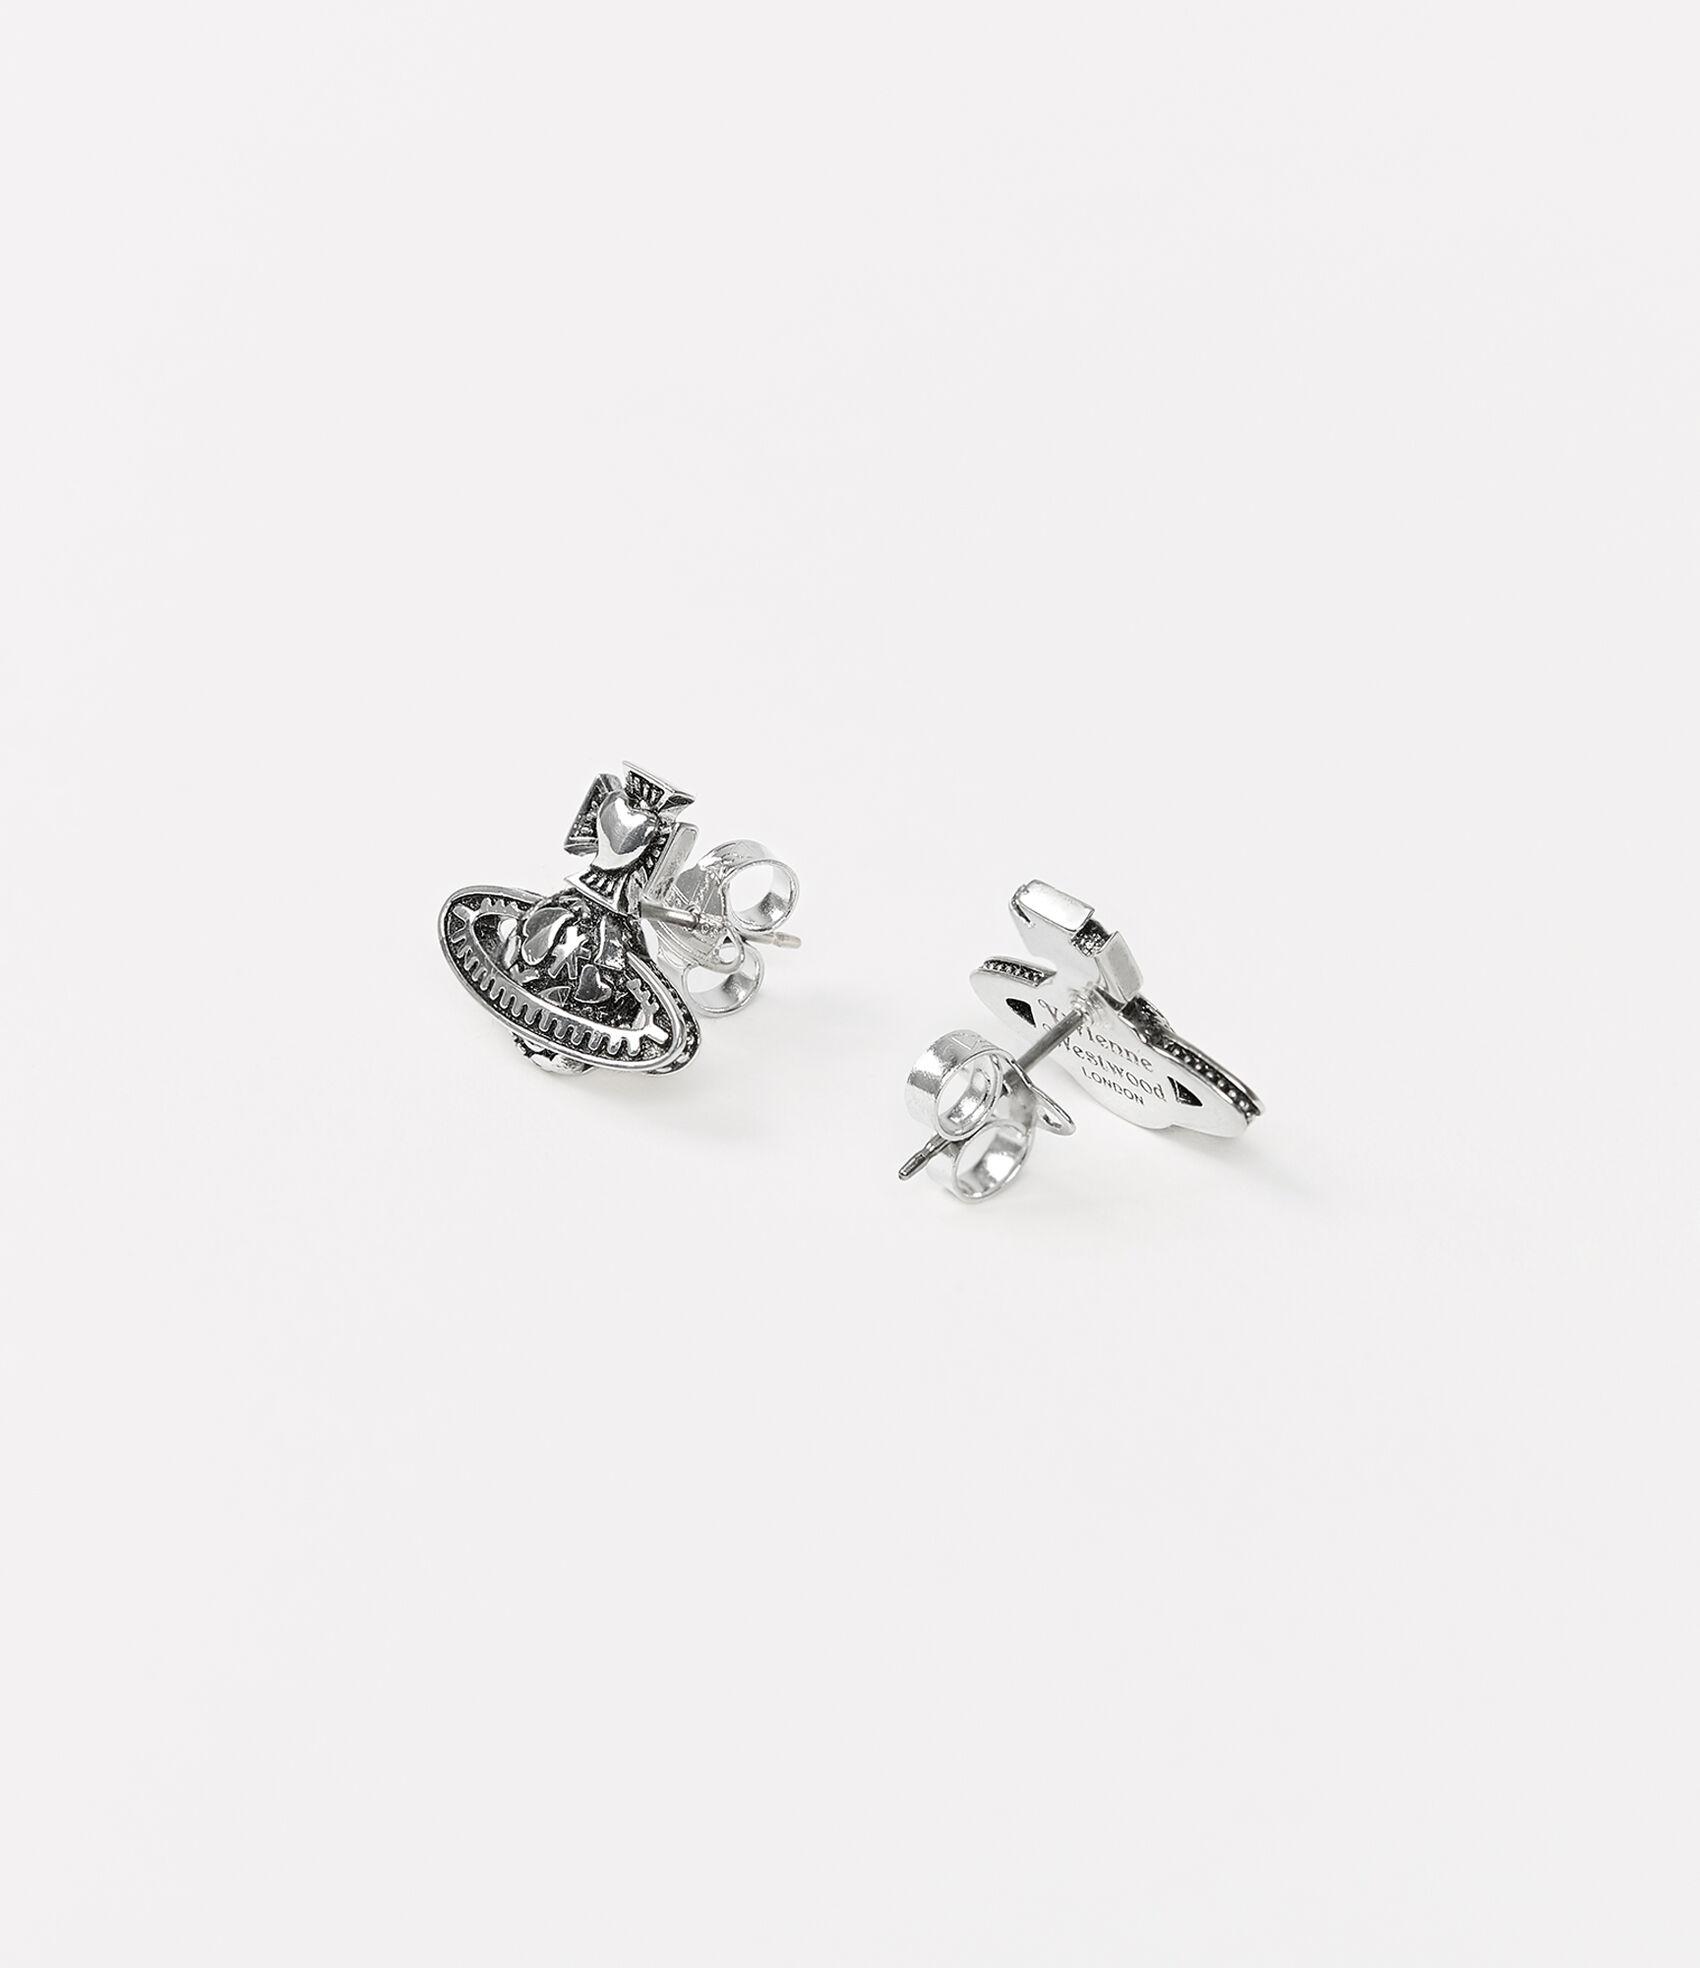 82d53c3c7 Vivienne Westwood Earrings | Women's Jewellery | Vivienne Westwood -  Odelina Bas Relief Earrings Antique